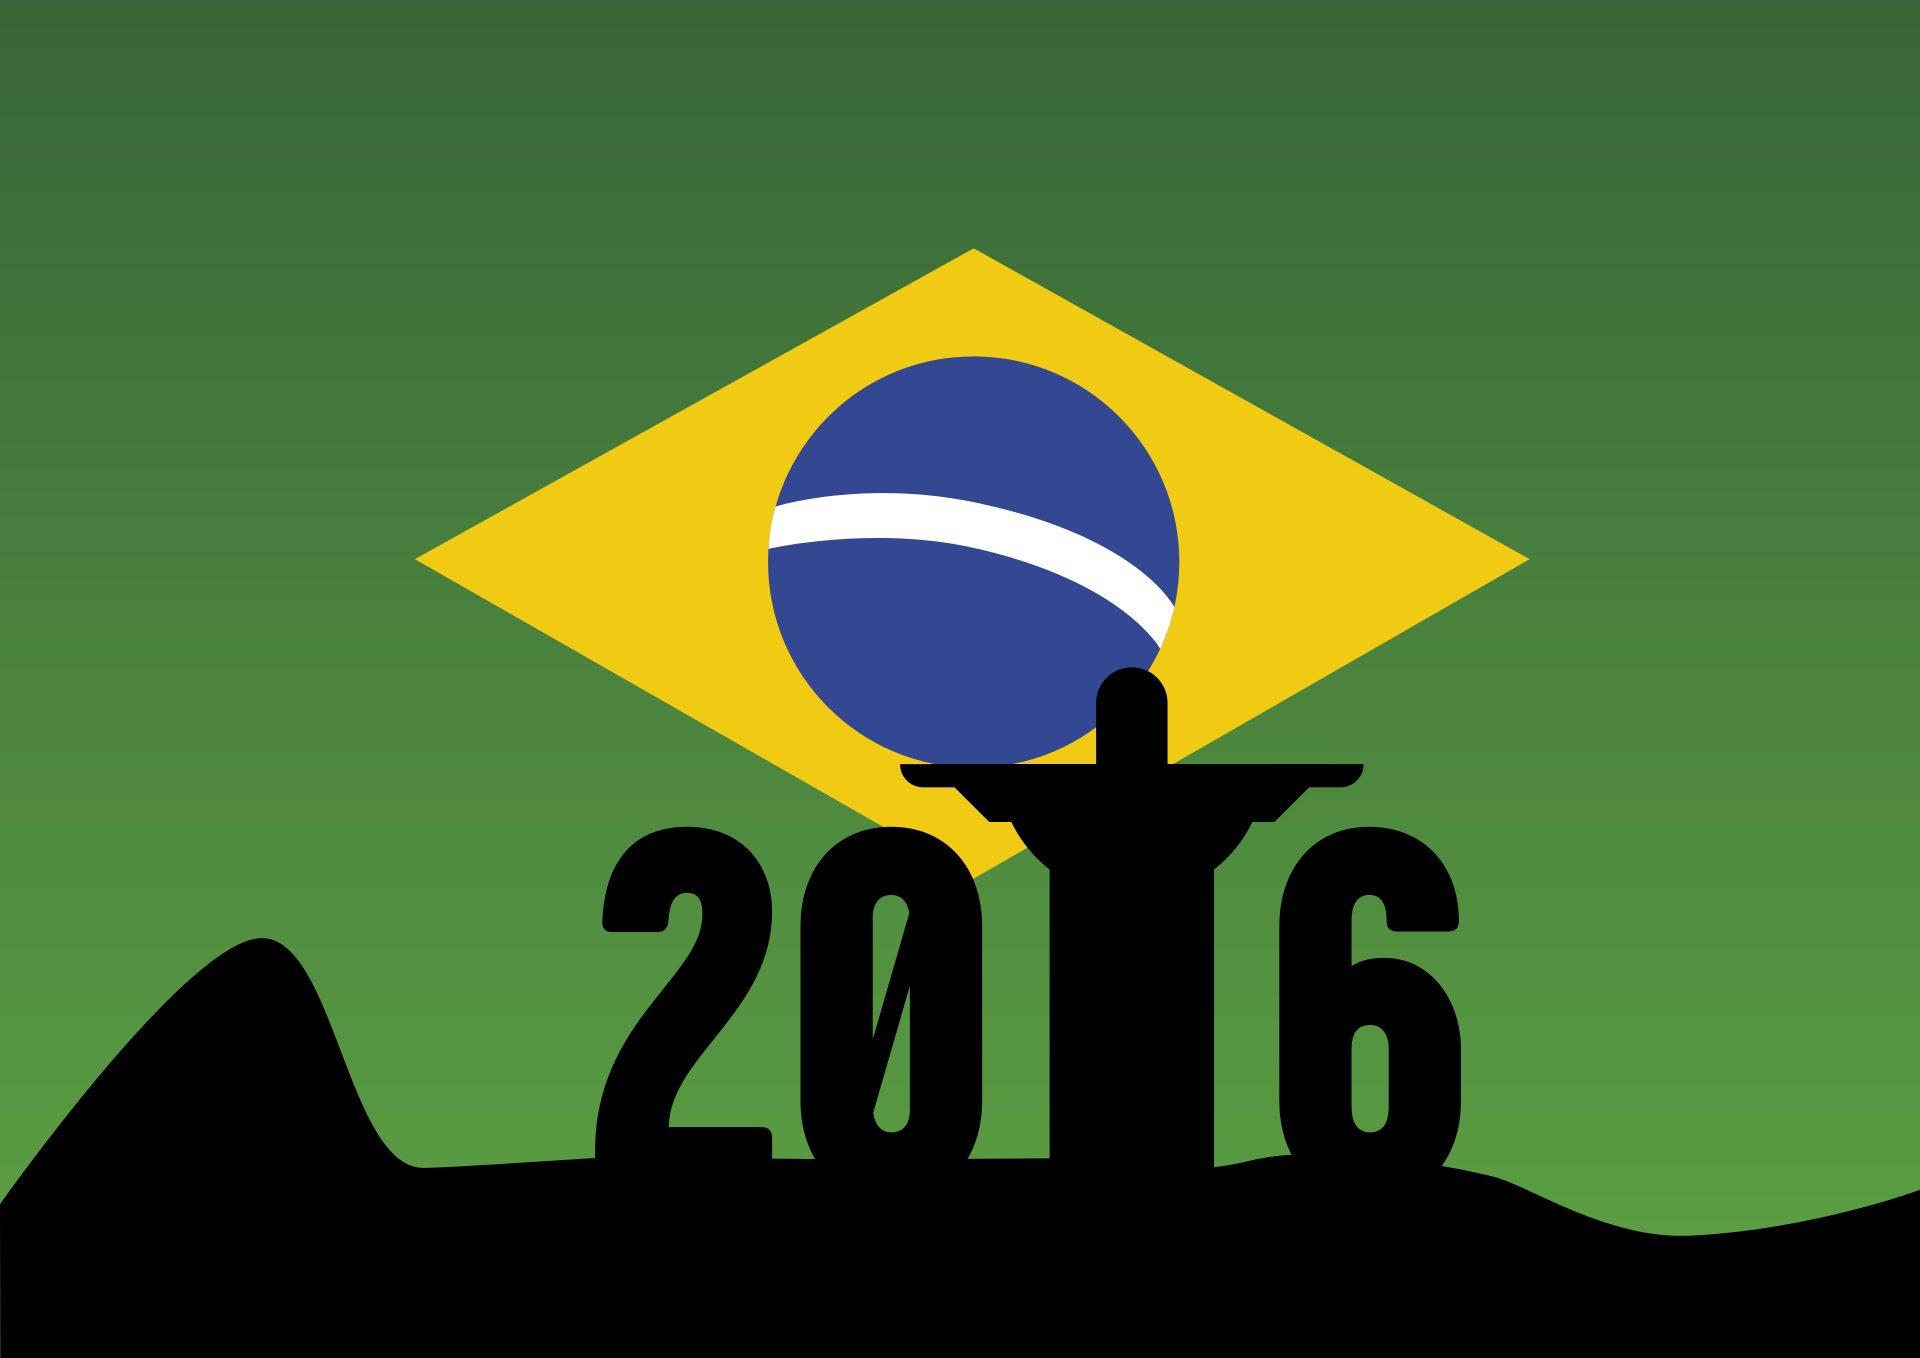 olimpiadas, Rio De Janeiro UrOlympische Spielempicos, Brazilien, Cristo corcovado - Wallpaper HD - Prof.-falken.com